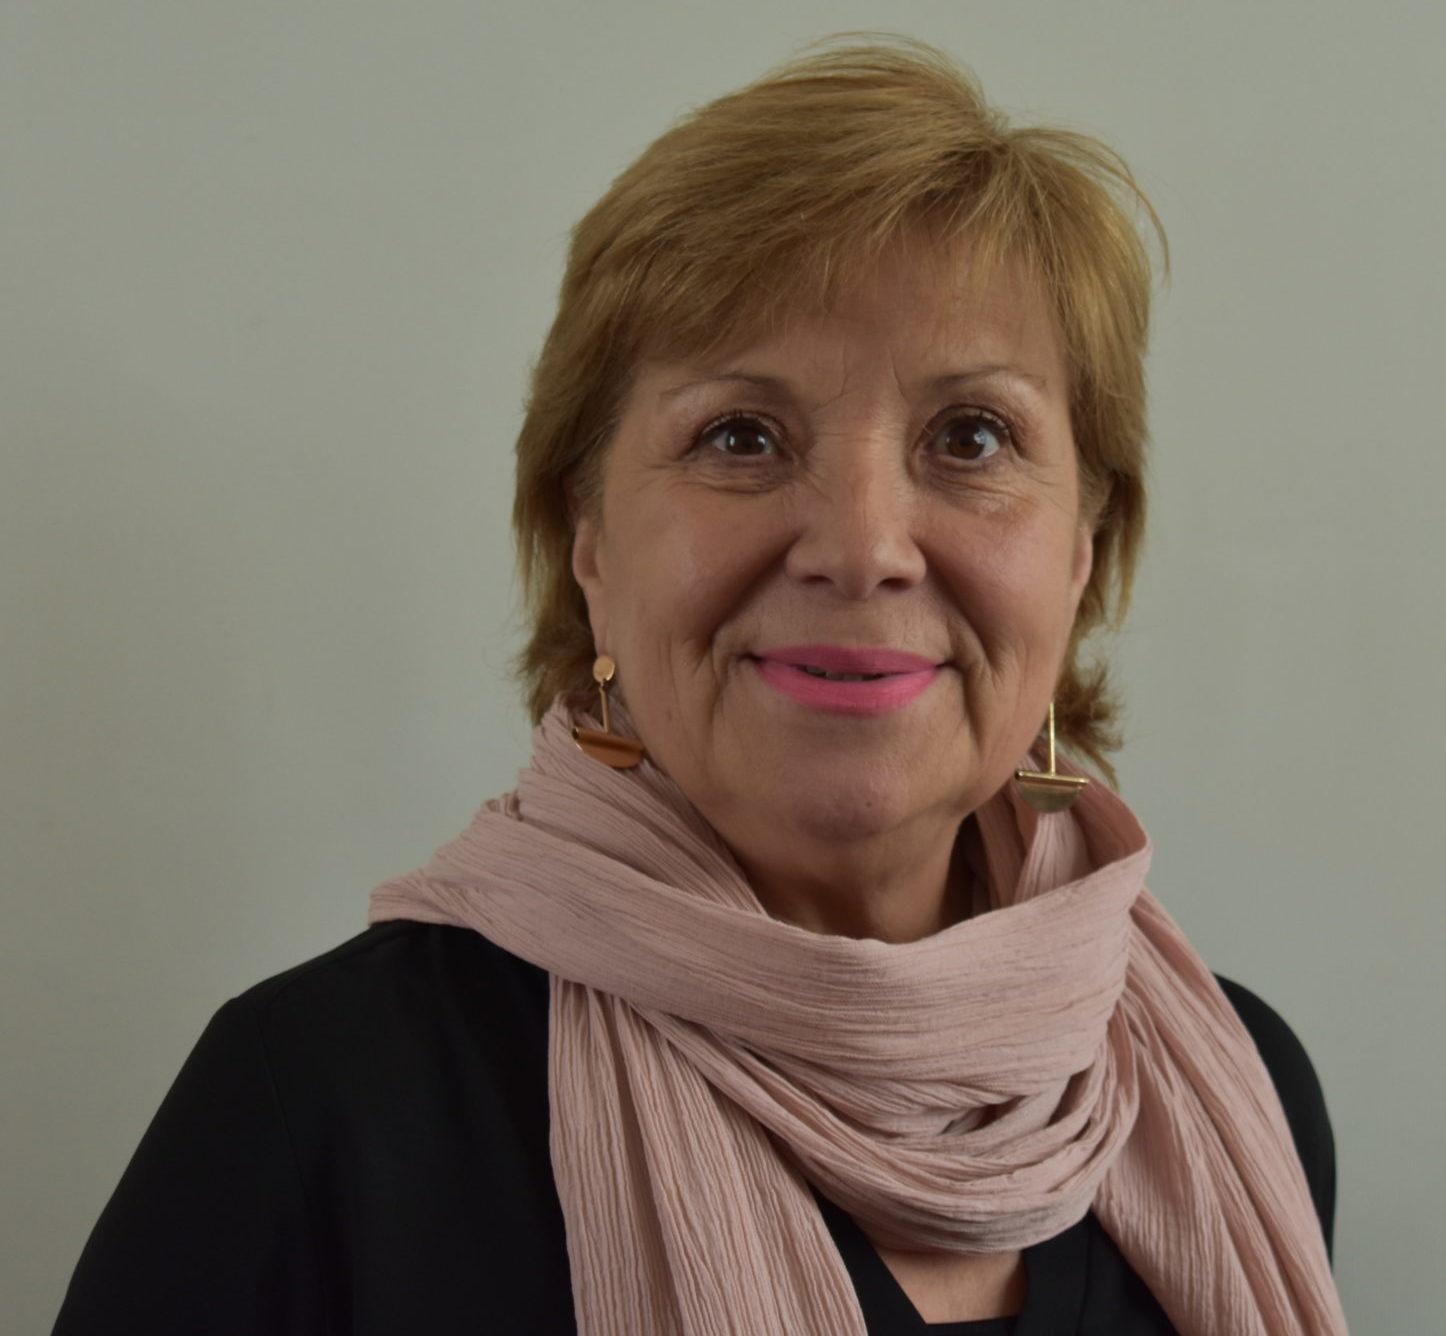 Verónica Canales